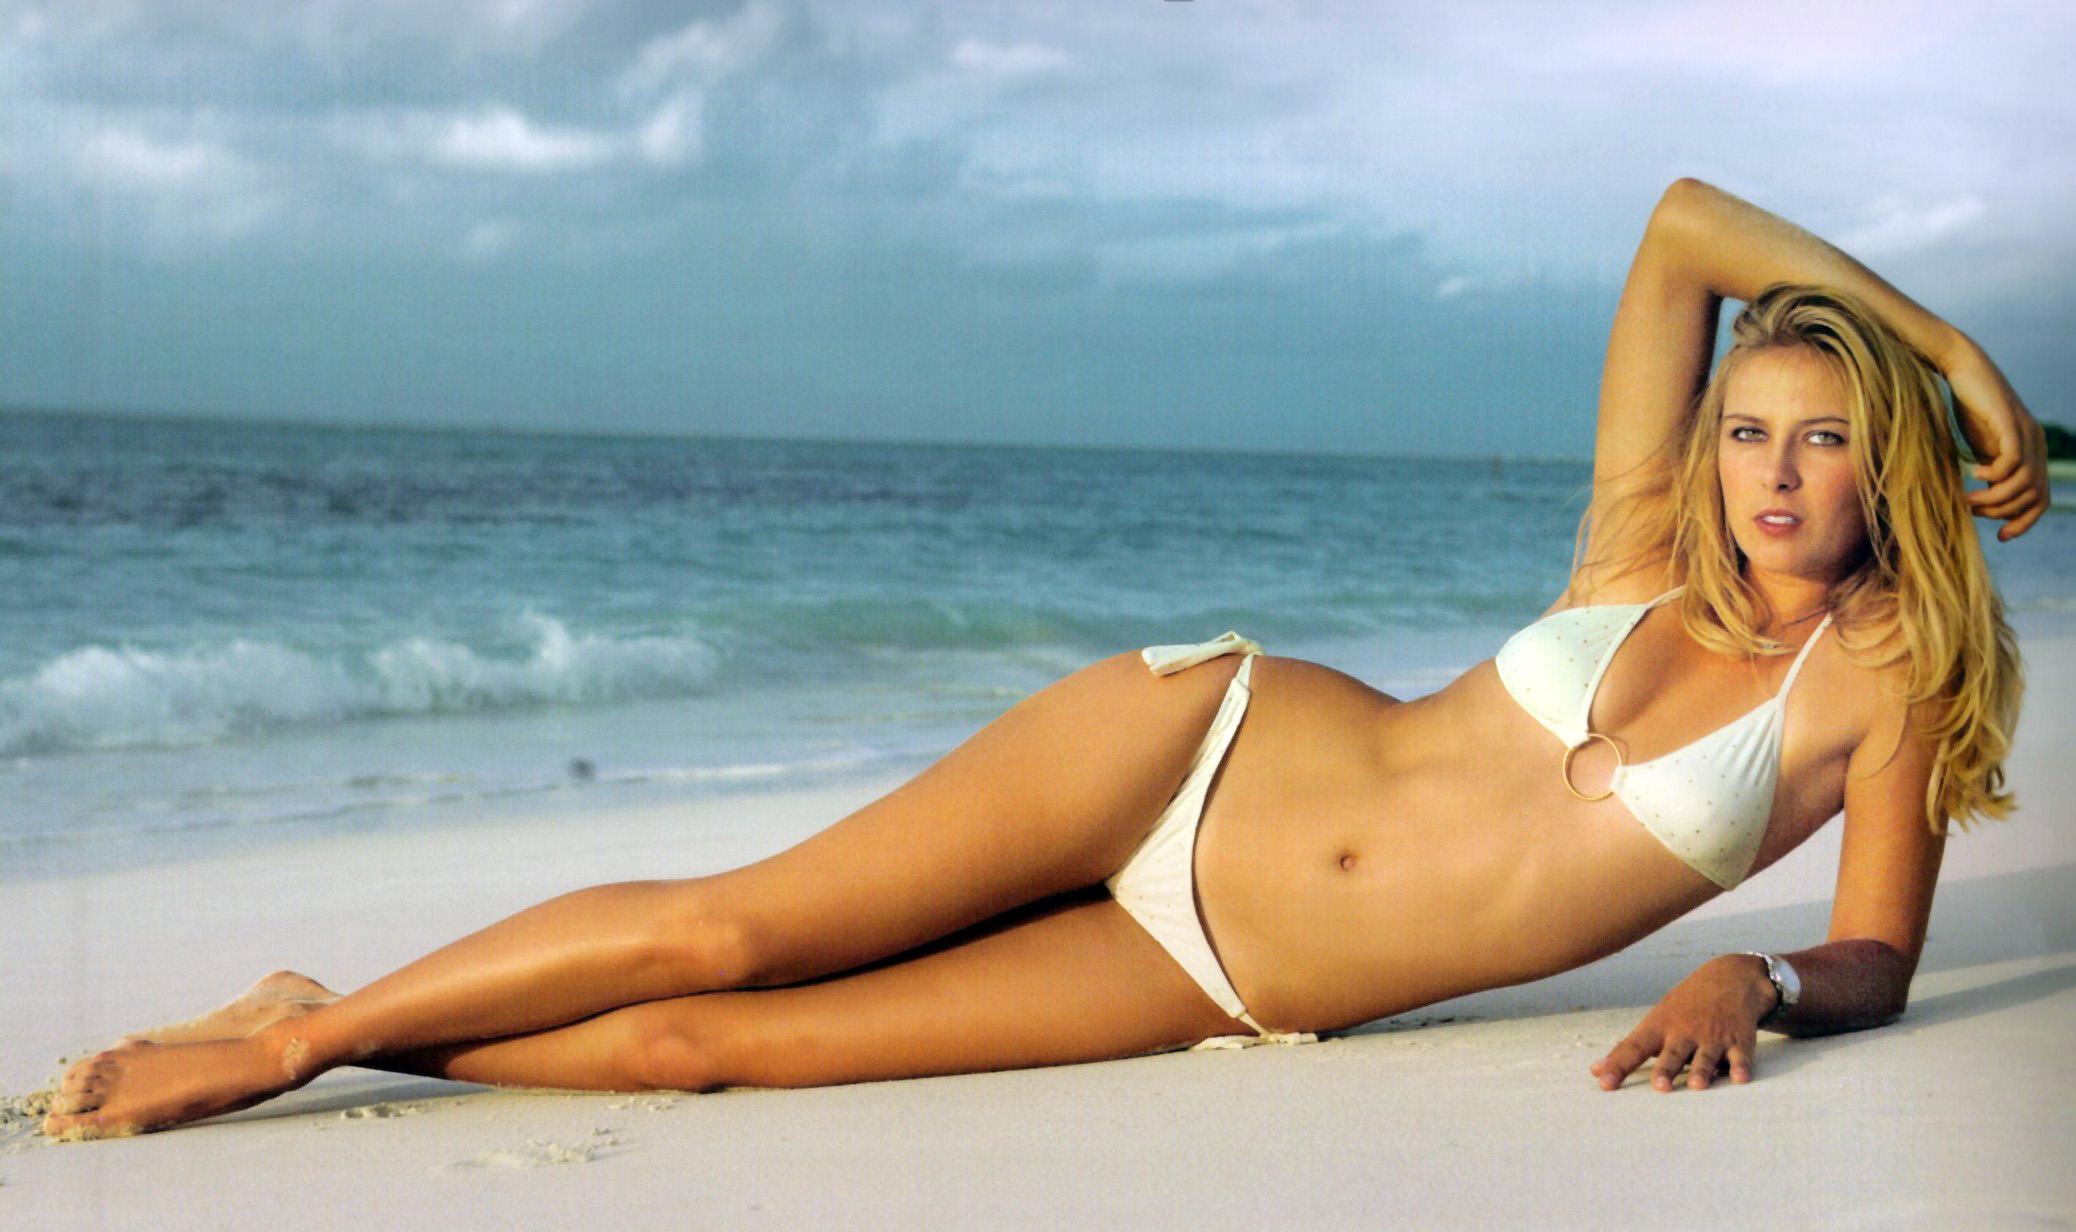 Самая красивая и голая девочка мира 6 фотография